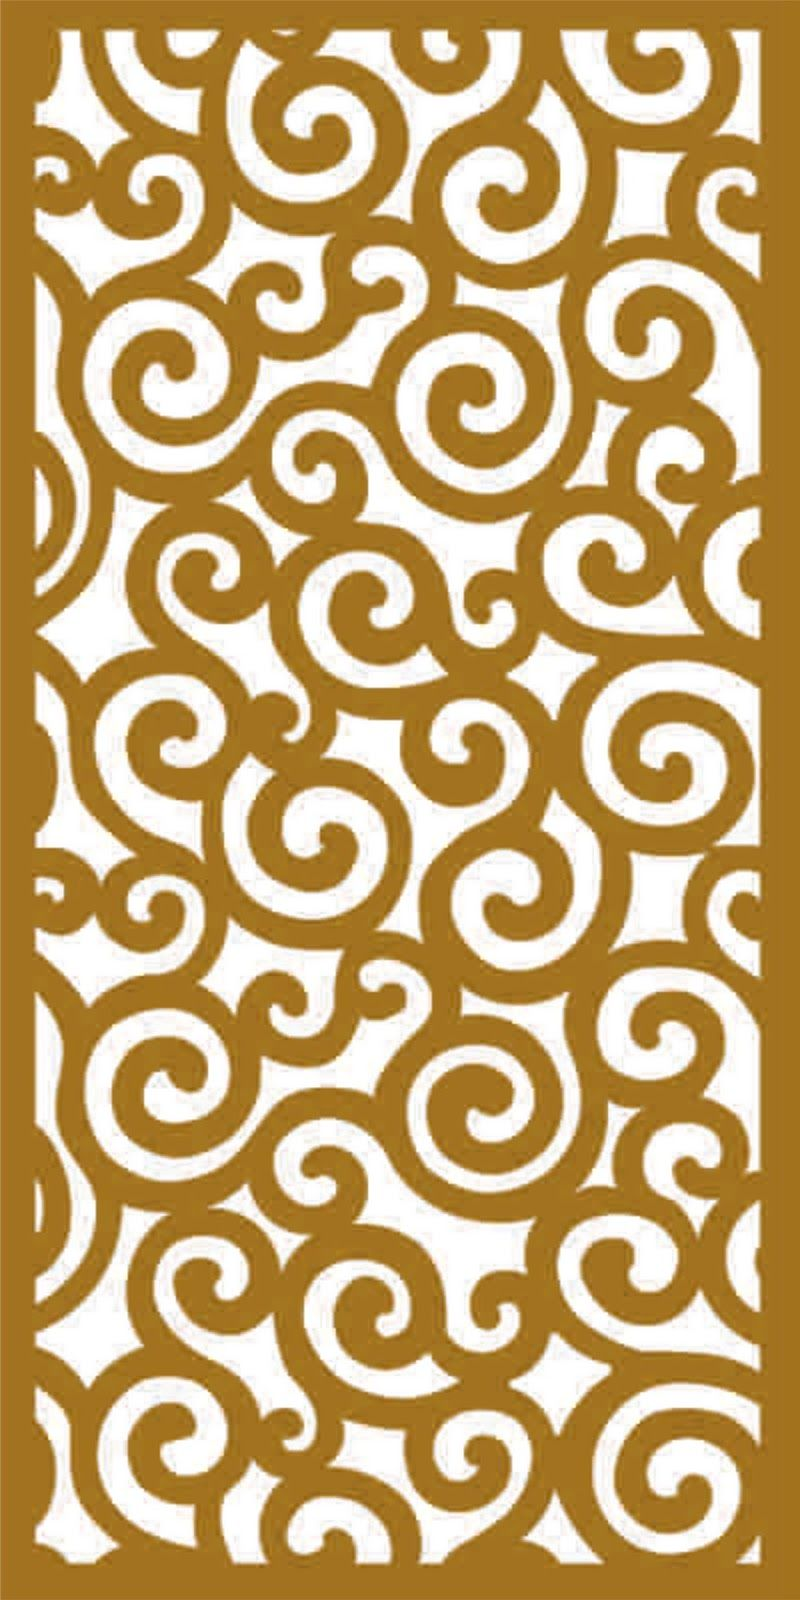 Katalog 2d Panel Design A Kreatif Pola Ukiran Kayu Ukiran Kayu